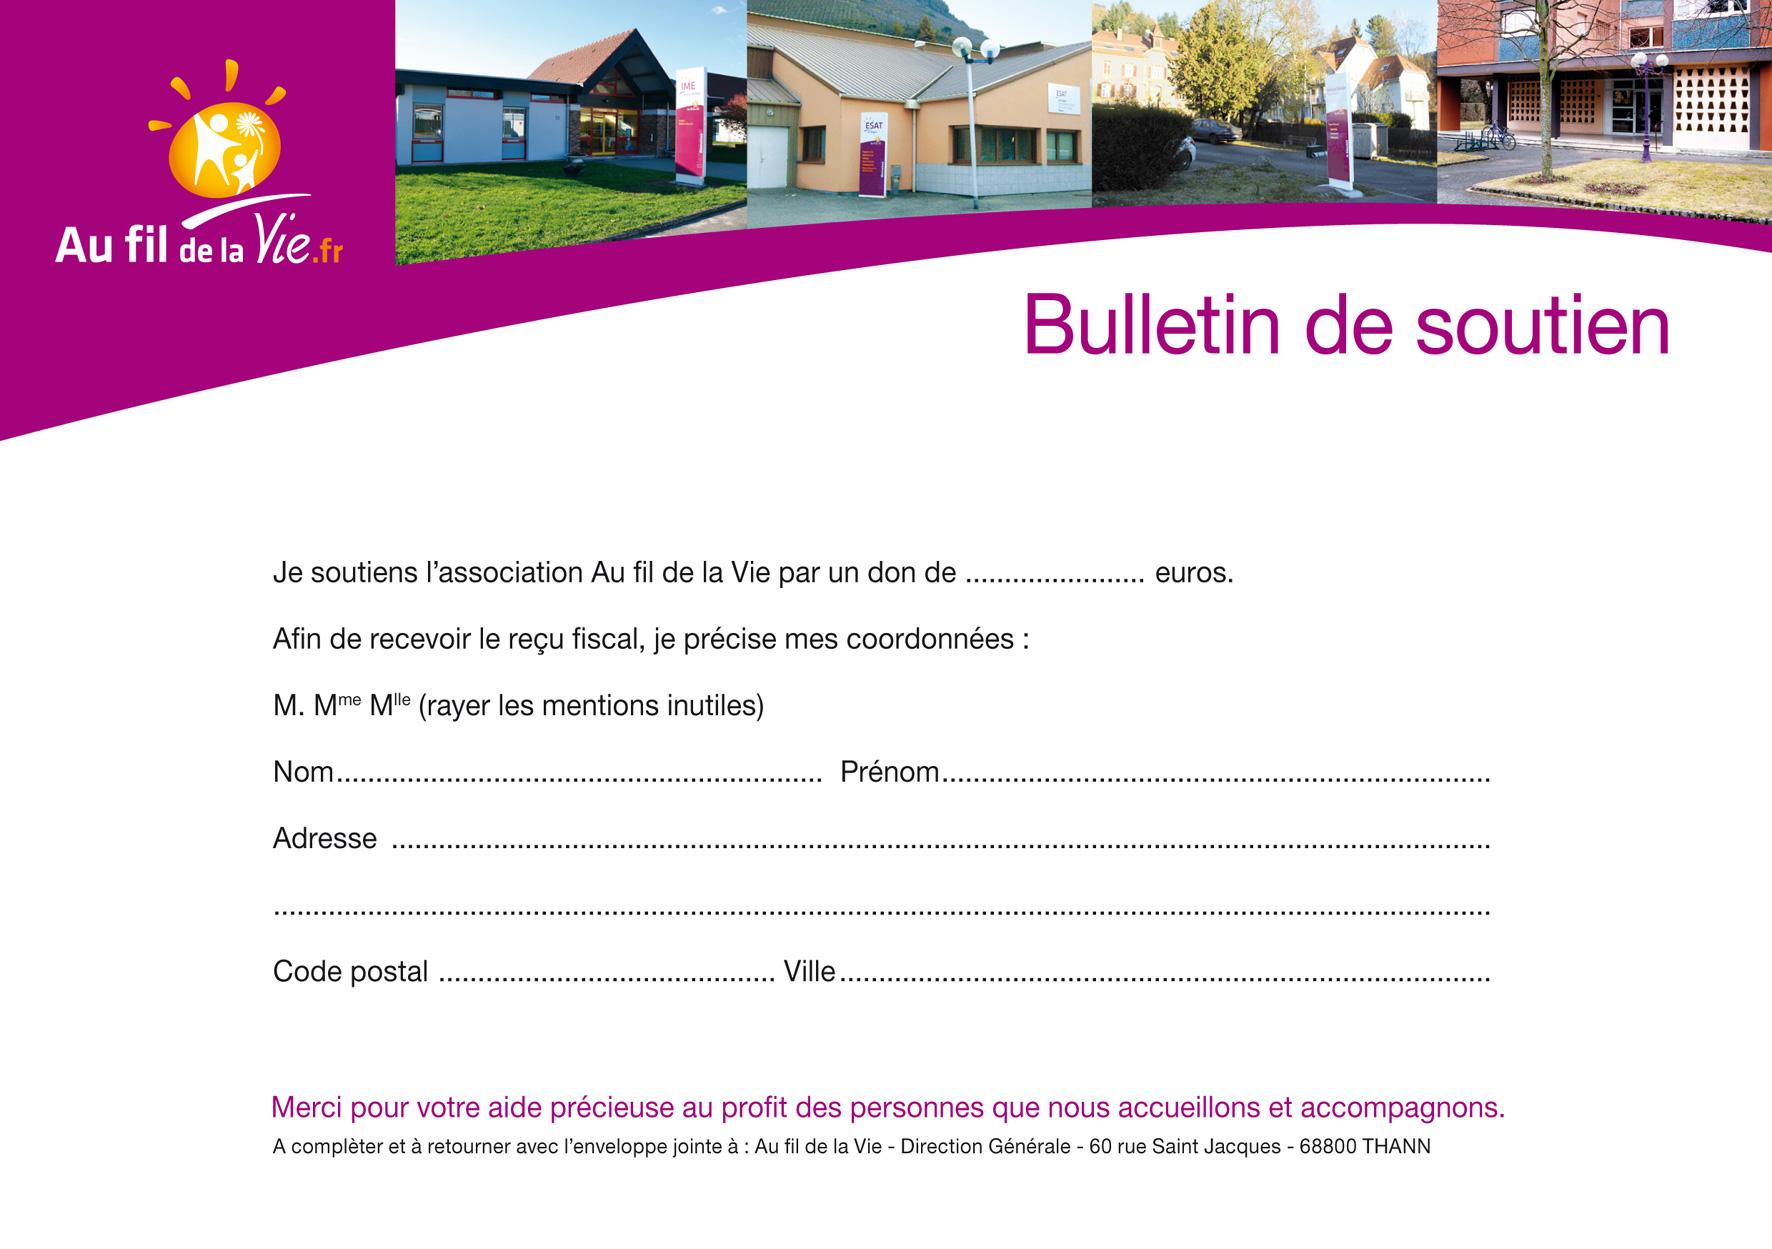 BulletinAdhesionA5_web